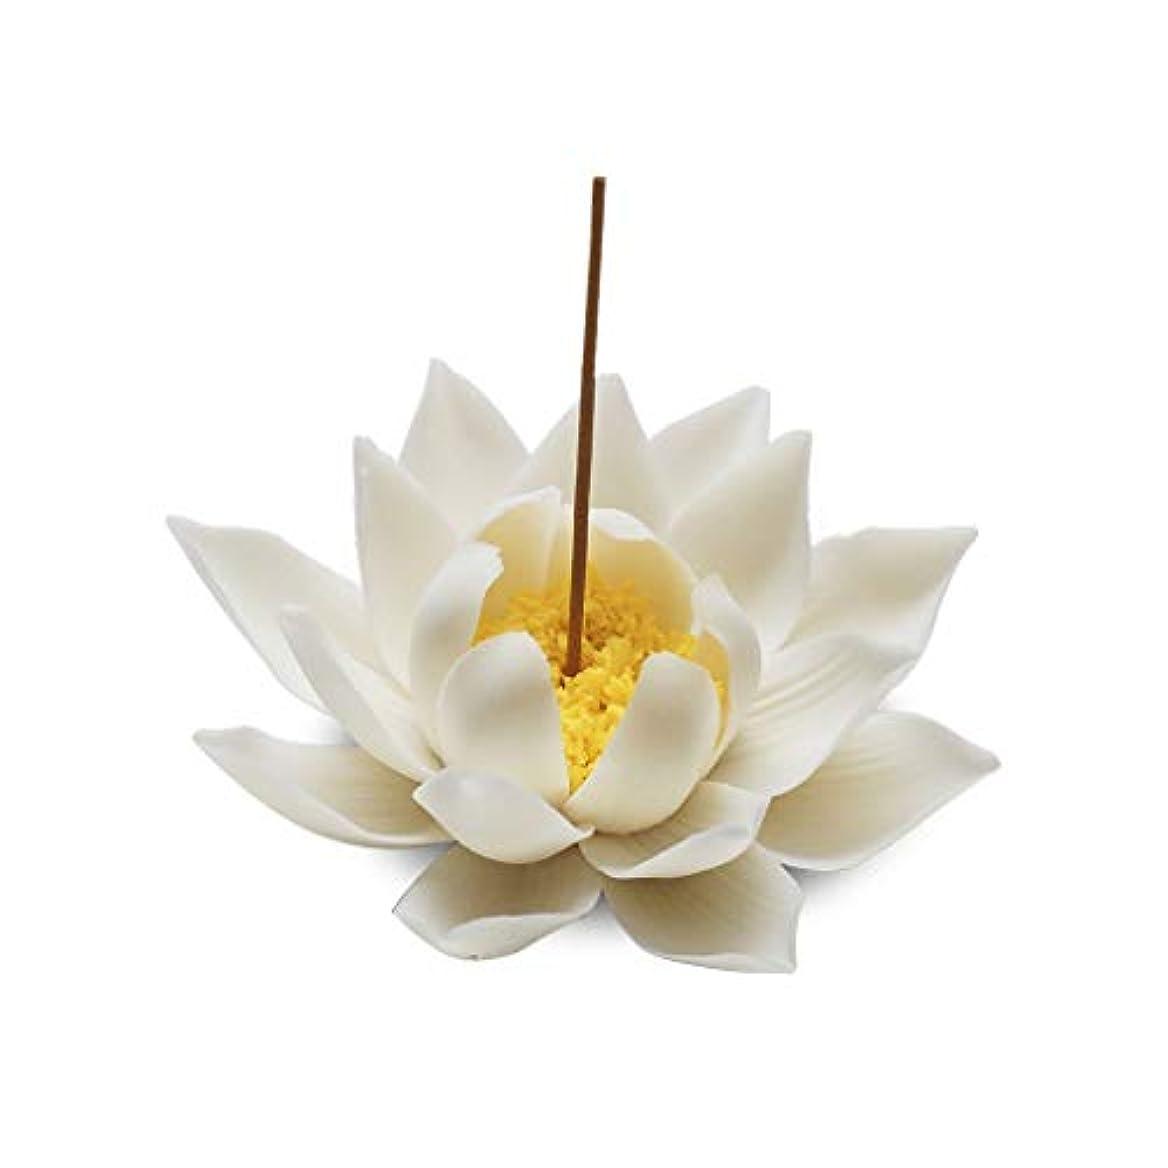 石油毒サミットセラミック蓮香バーナー家の装飾香スティックホルダー仏教アロマセラピー香炉ホームオフィス用 (Color : A)